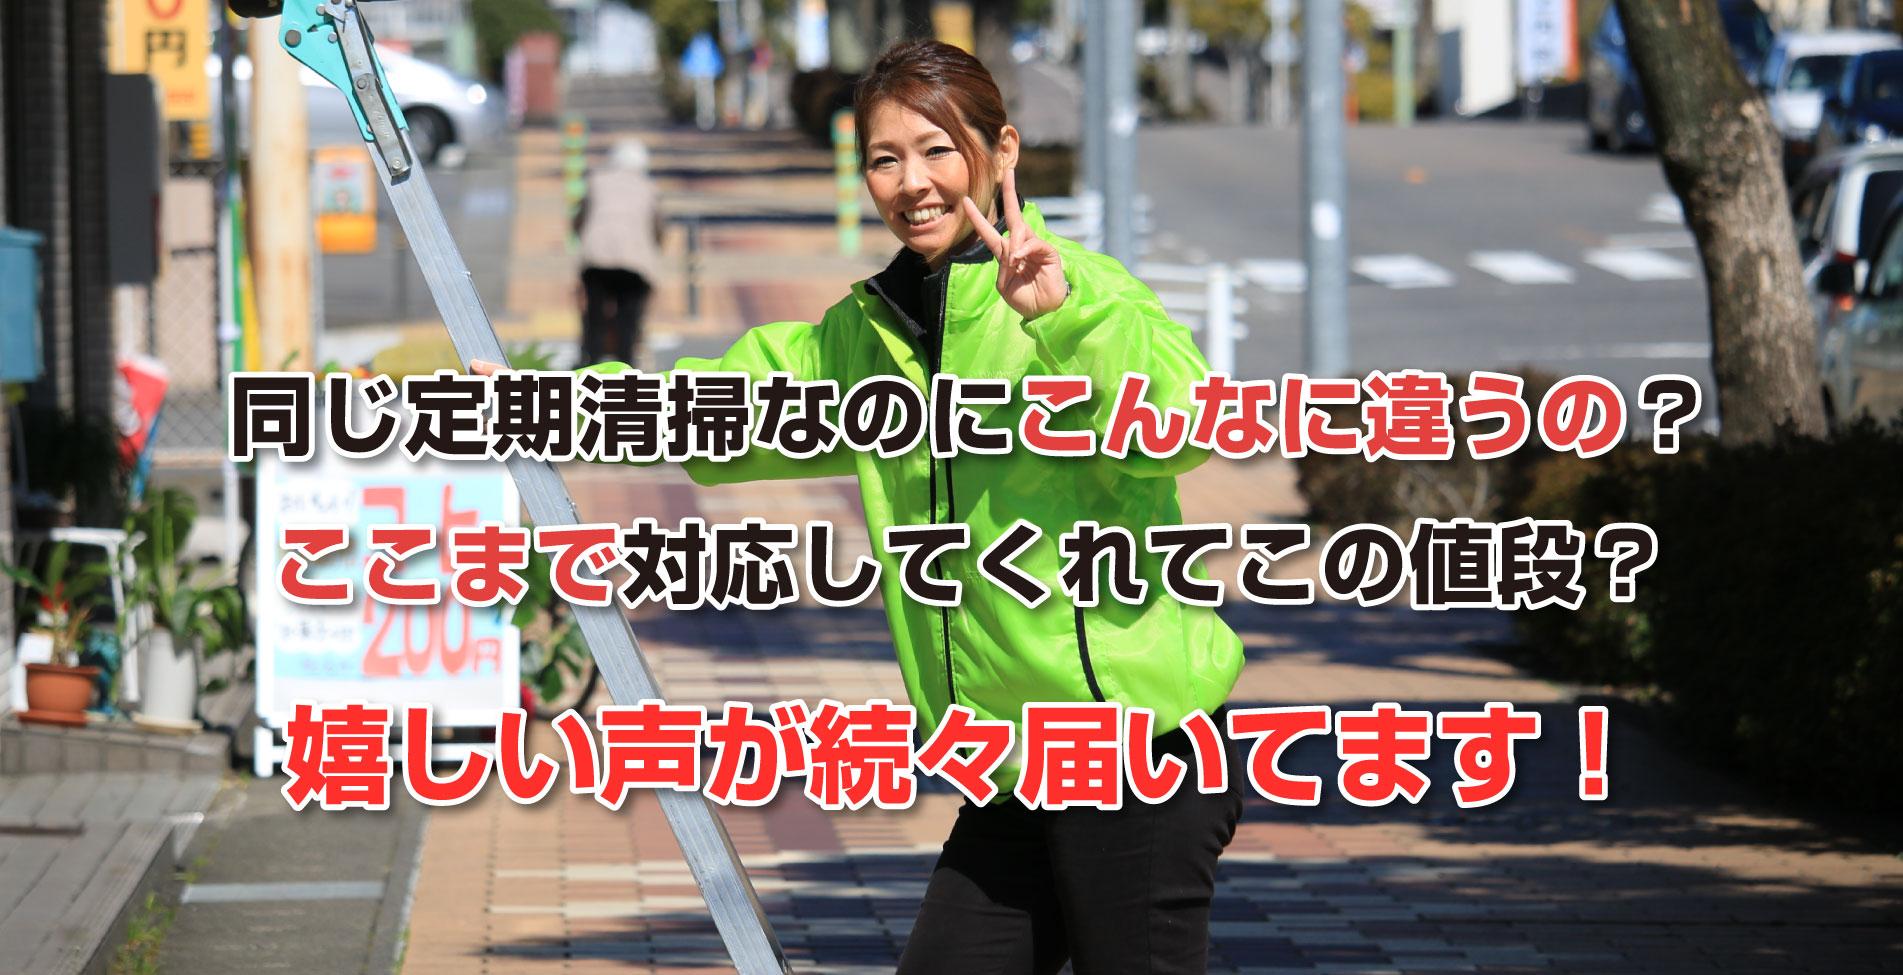 名古屋でマンションやアパート、ビル等の定期清掃ならTMクリーン